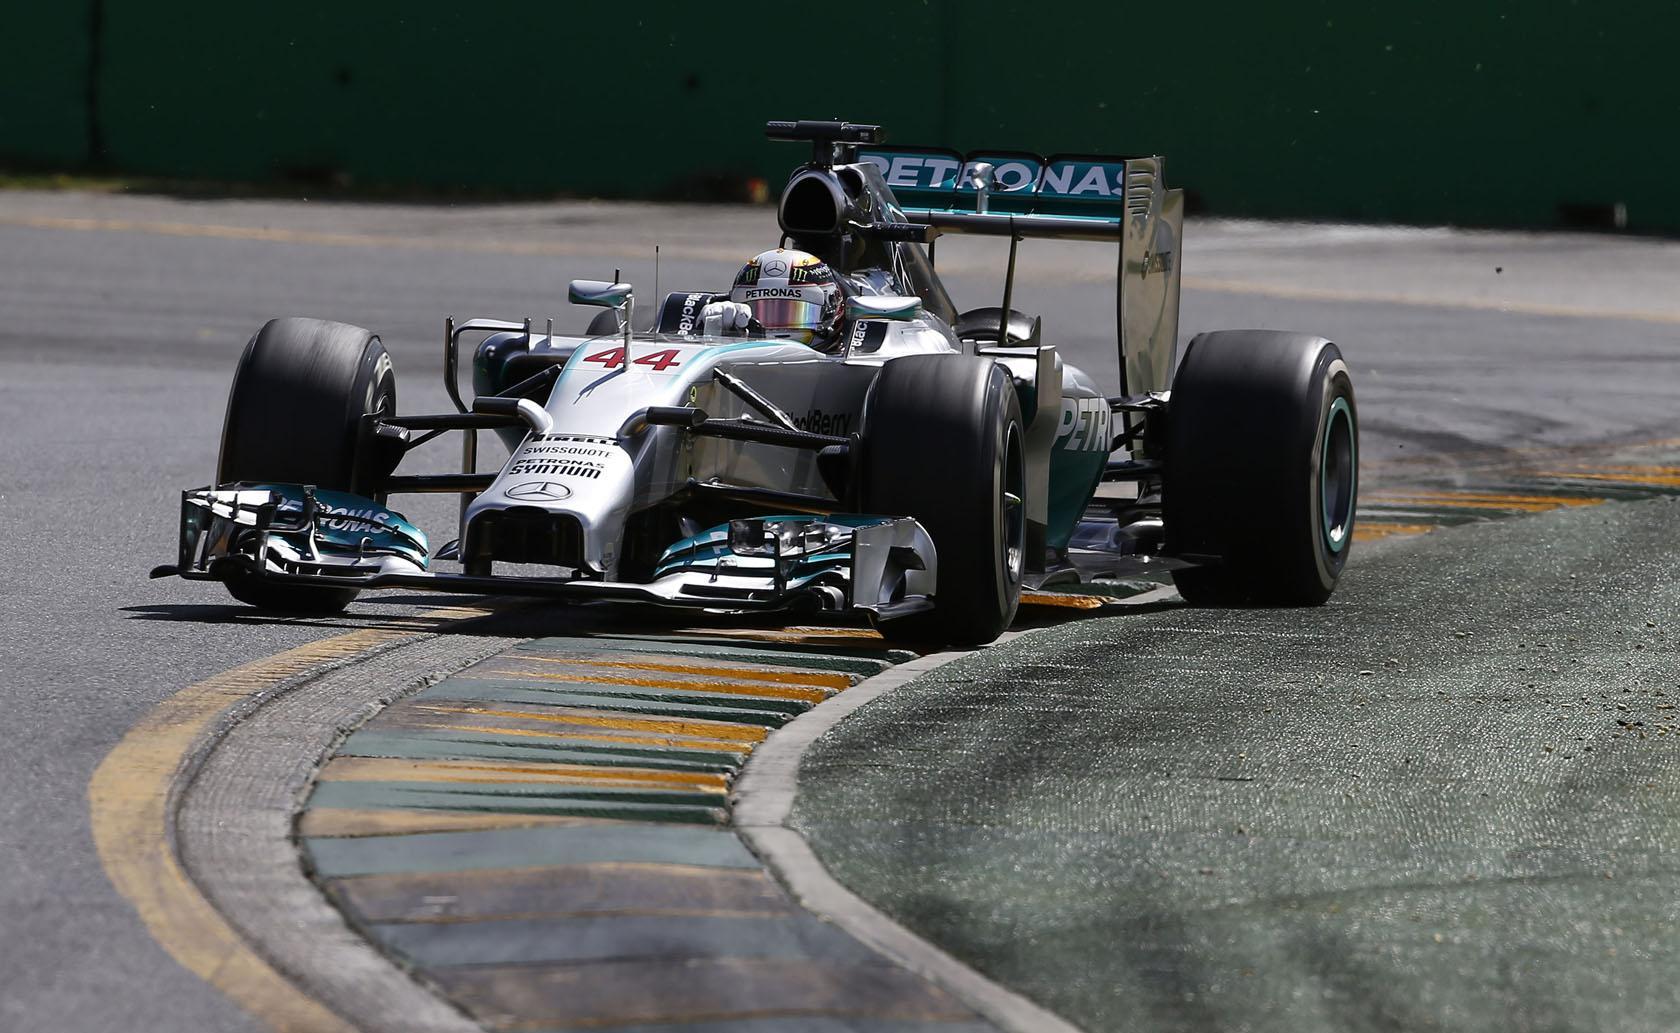 Ilyen a kegyetlen Forma-1: a Mercedes már a formációs körön tudta, gond van a motorral